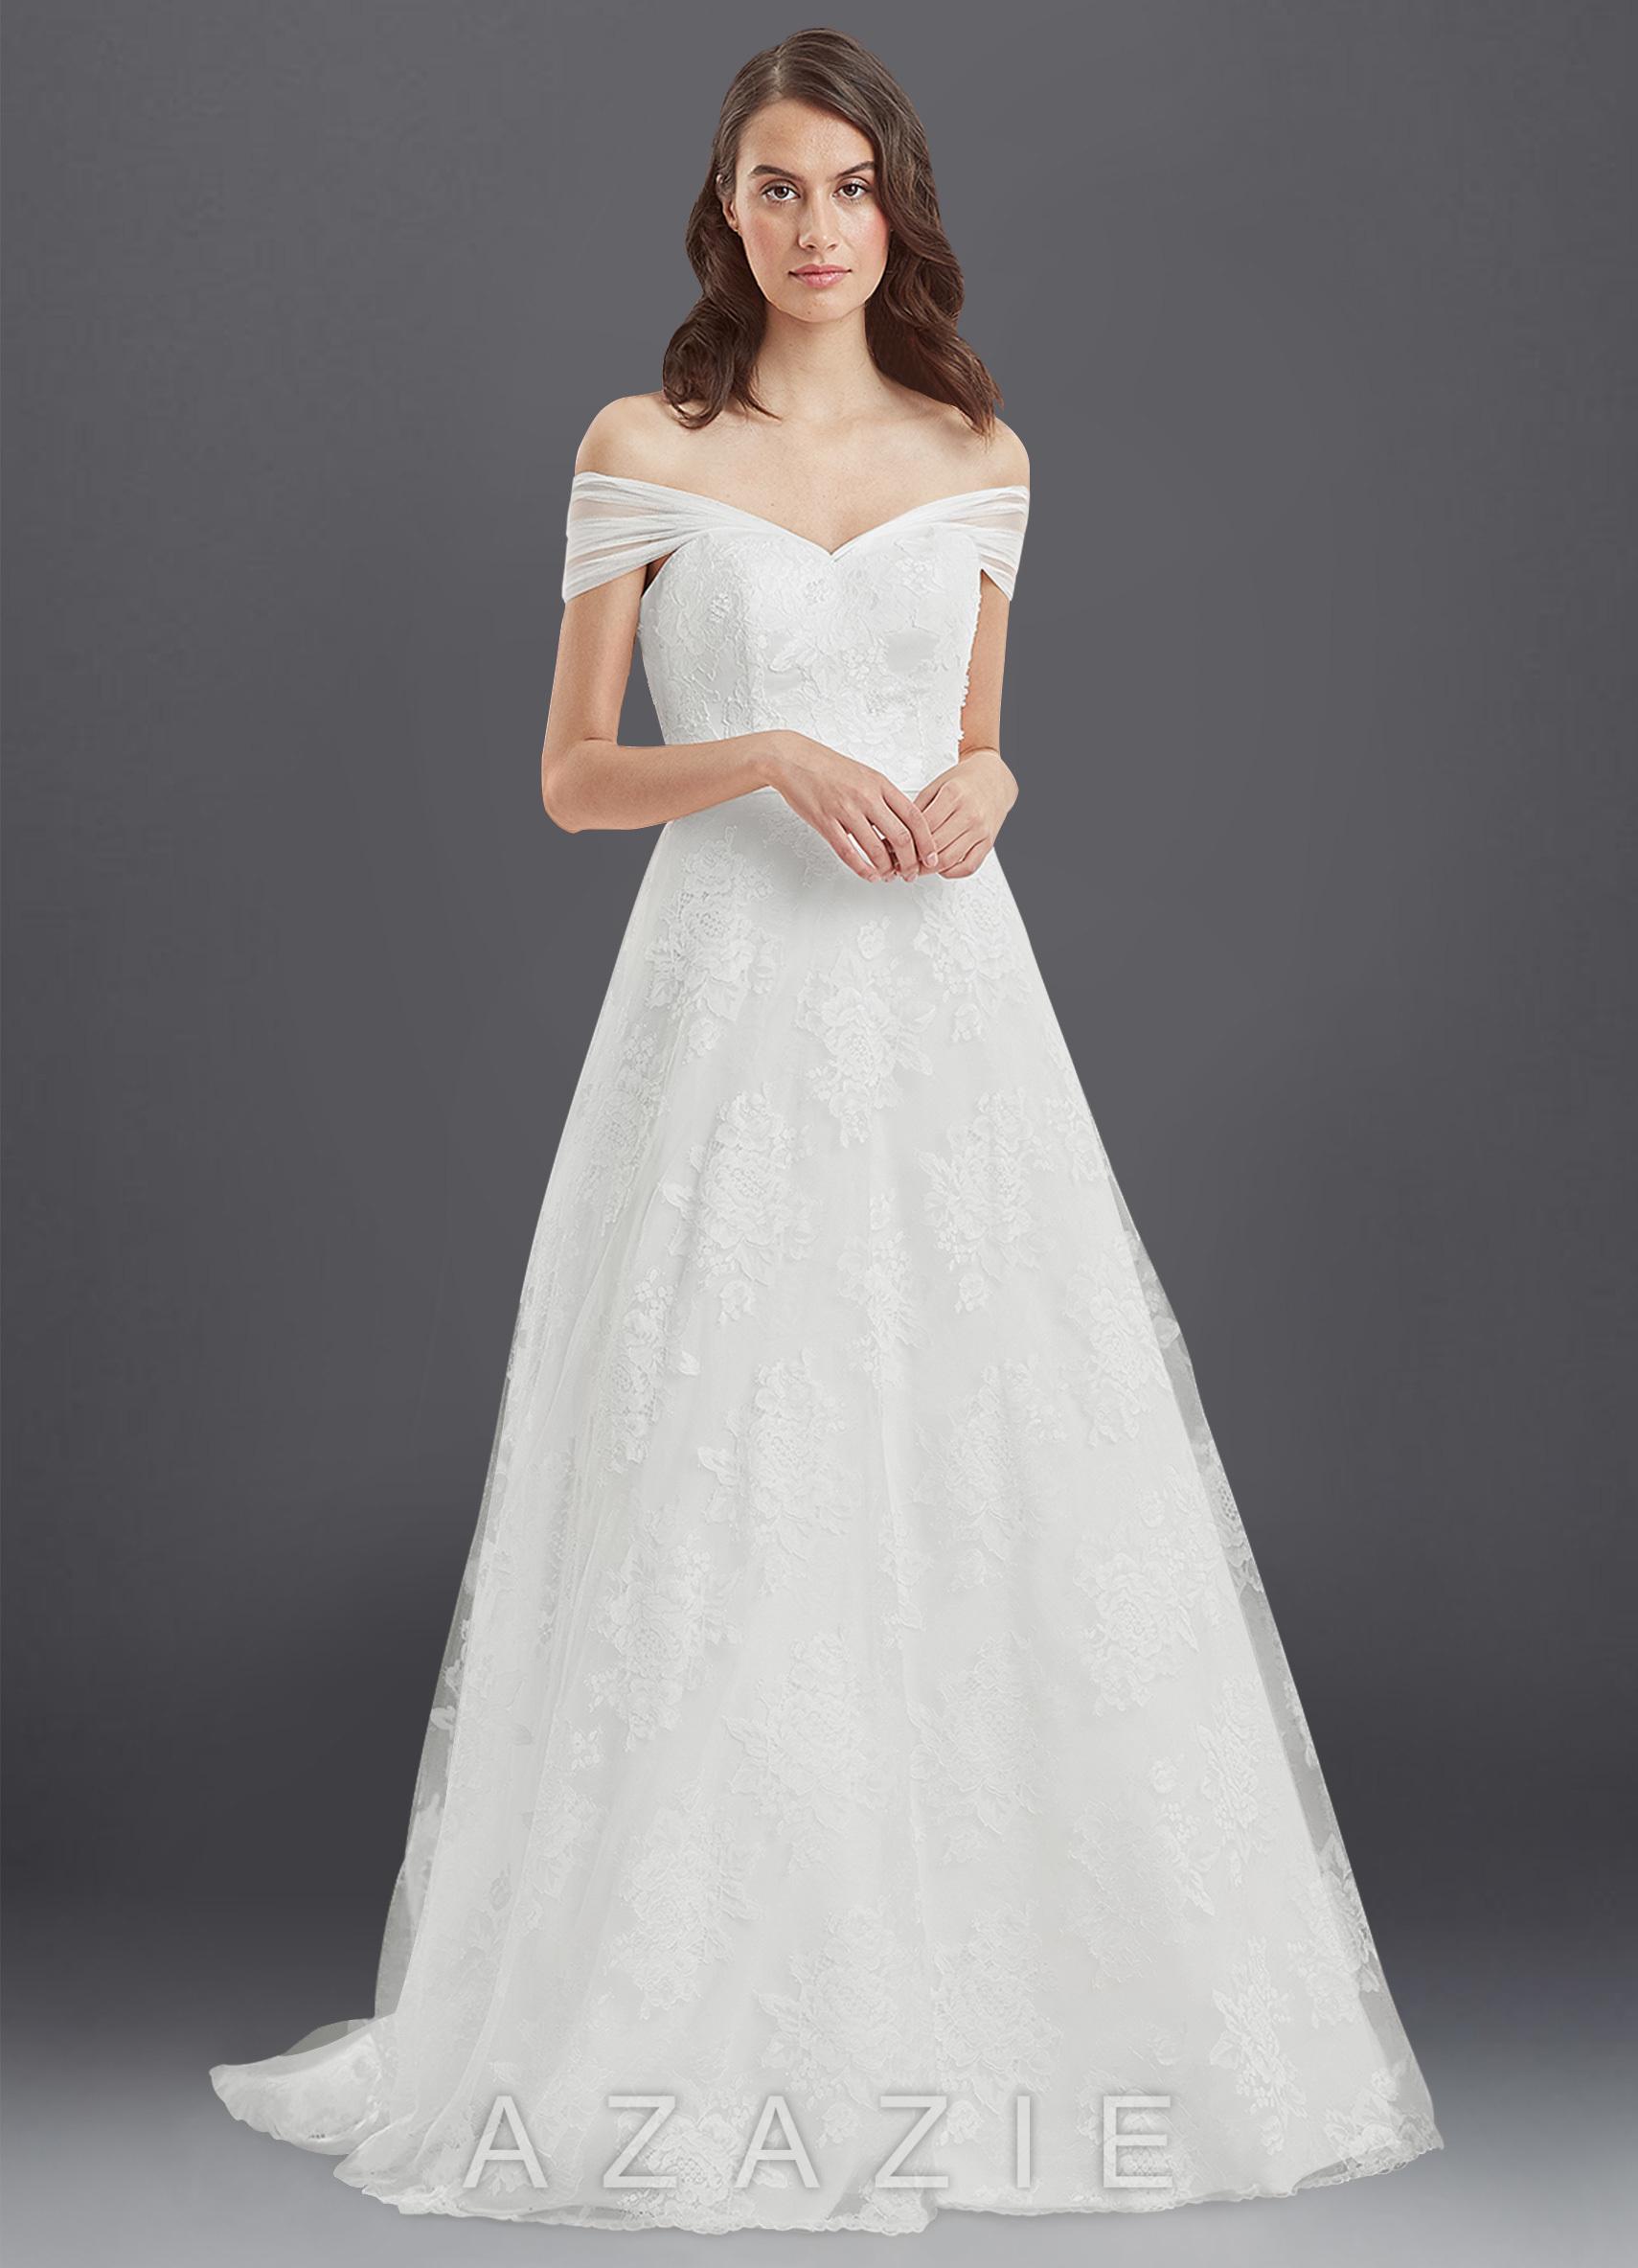 Azazie Jillian BG Wedding Dress | Azazie